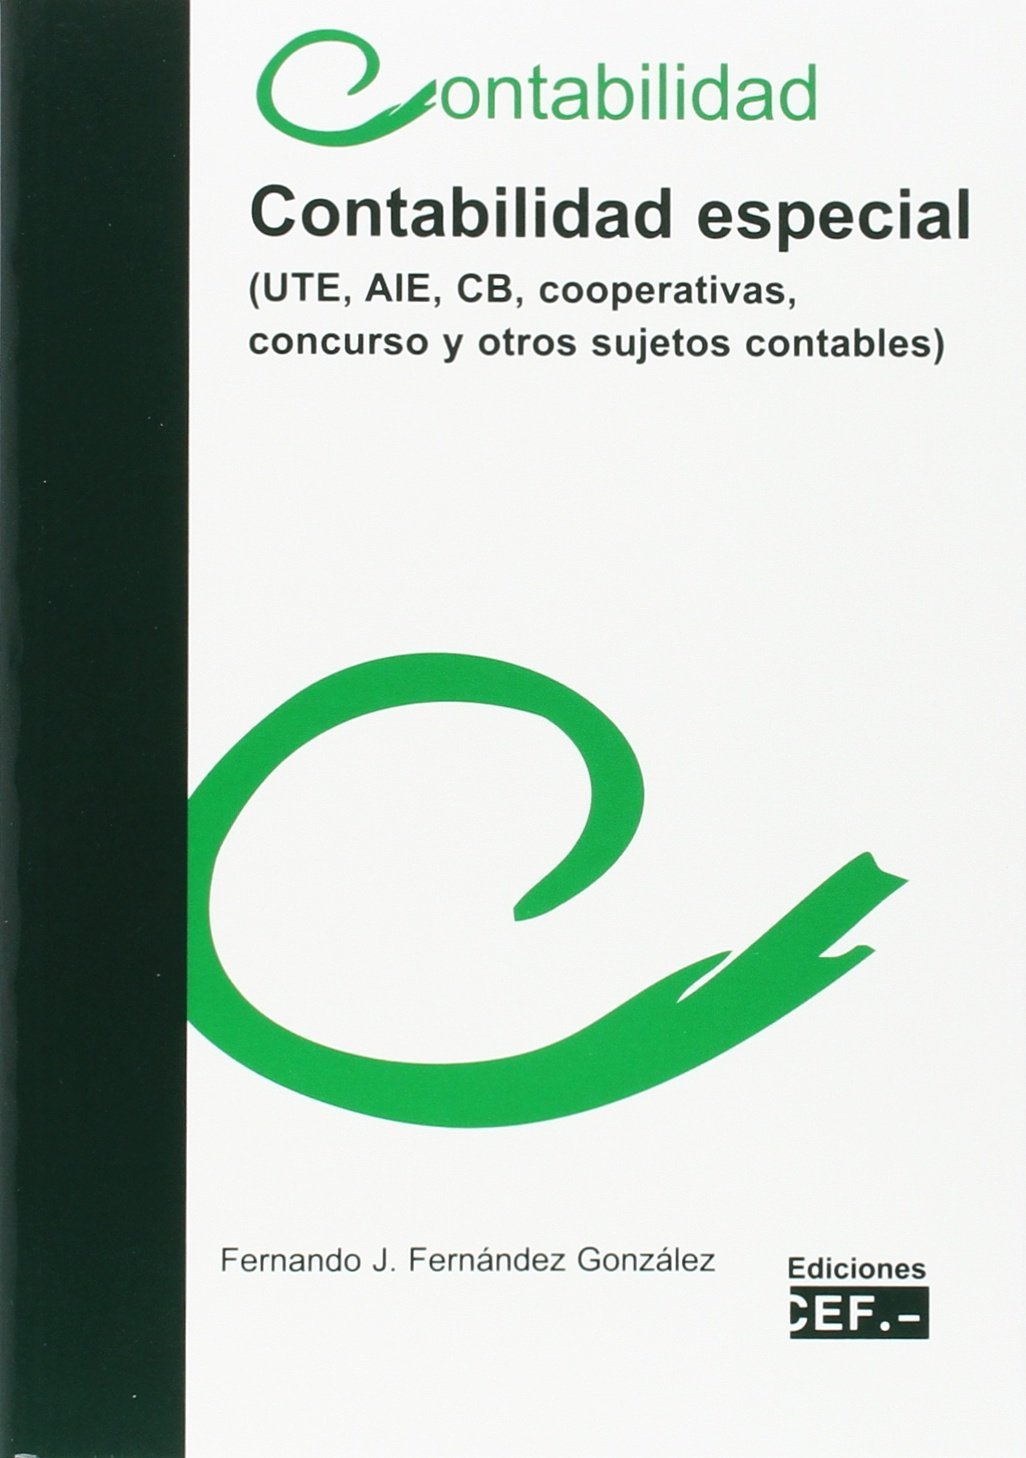 Contabilidad especial UTE, AIE, CB, cooperativas, concurso y otros sujetos contables: Amazon.es: Fernando Javier Fernández González: Libros